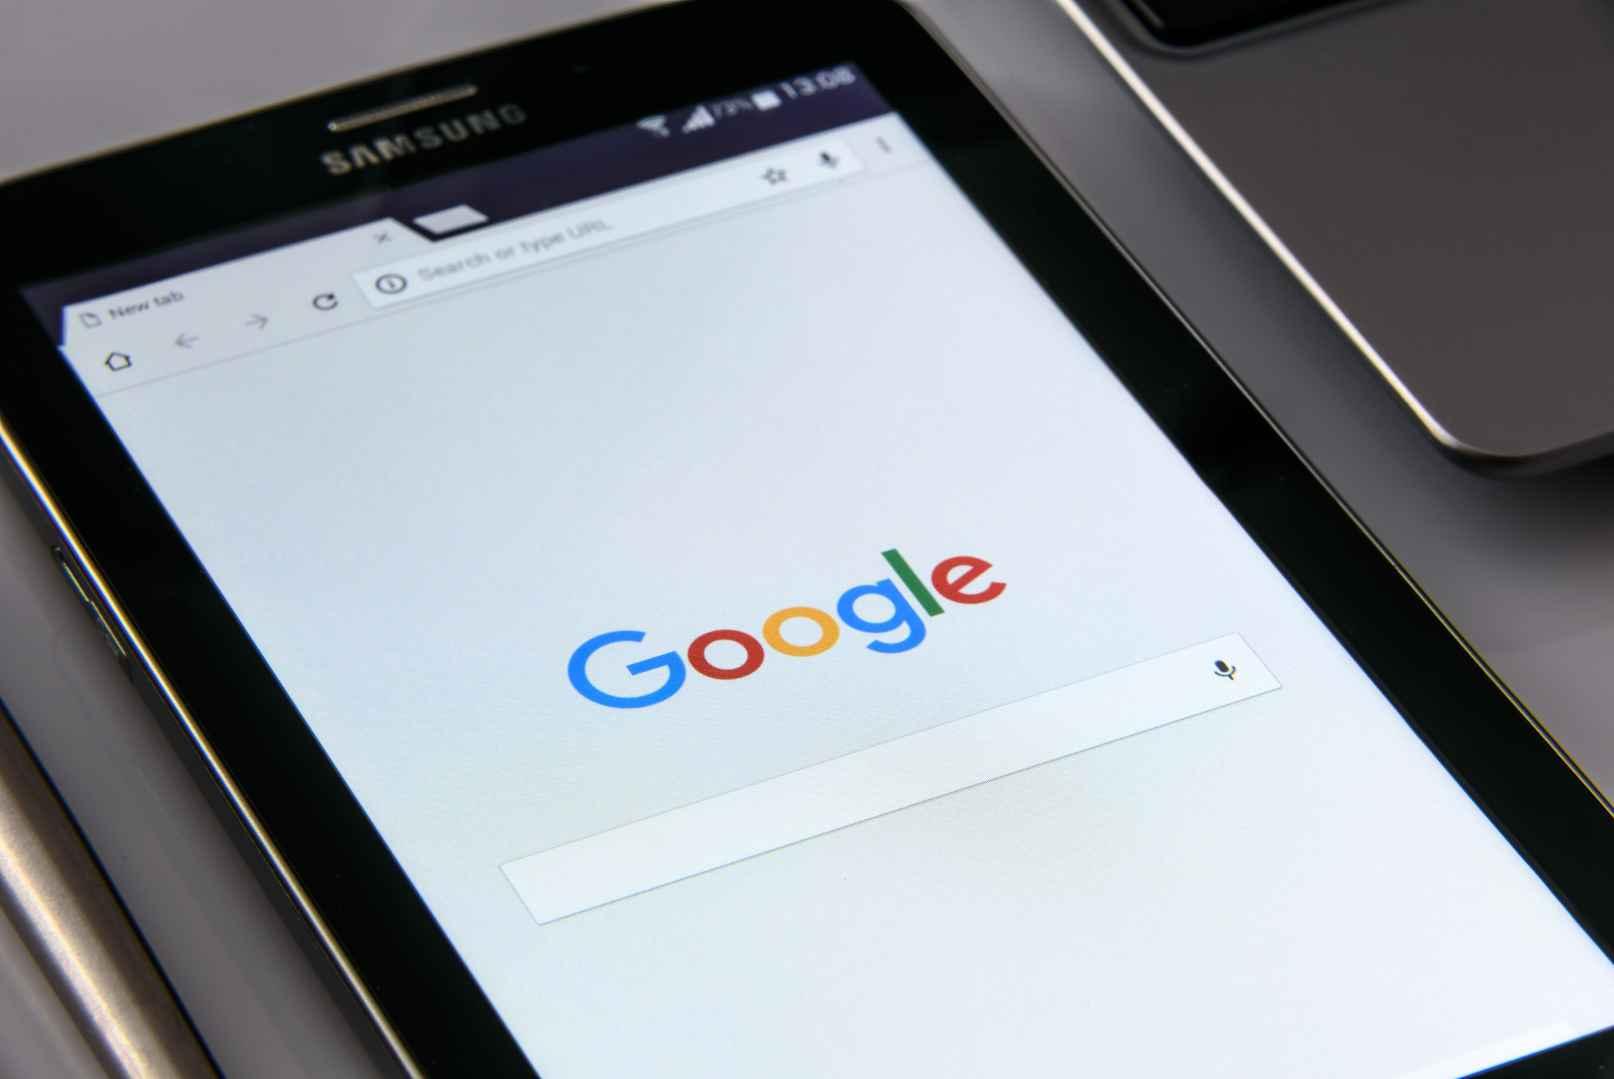 ¿Cuáles son las palabras más buscadas en Google?